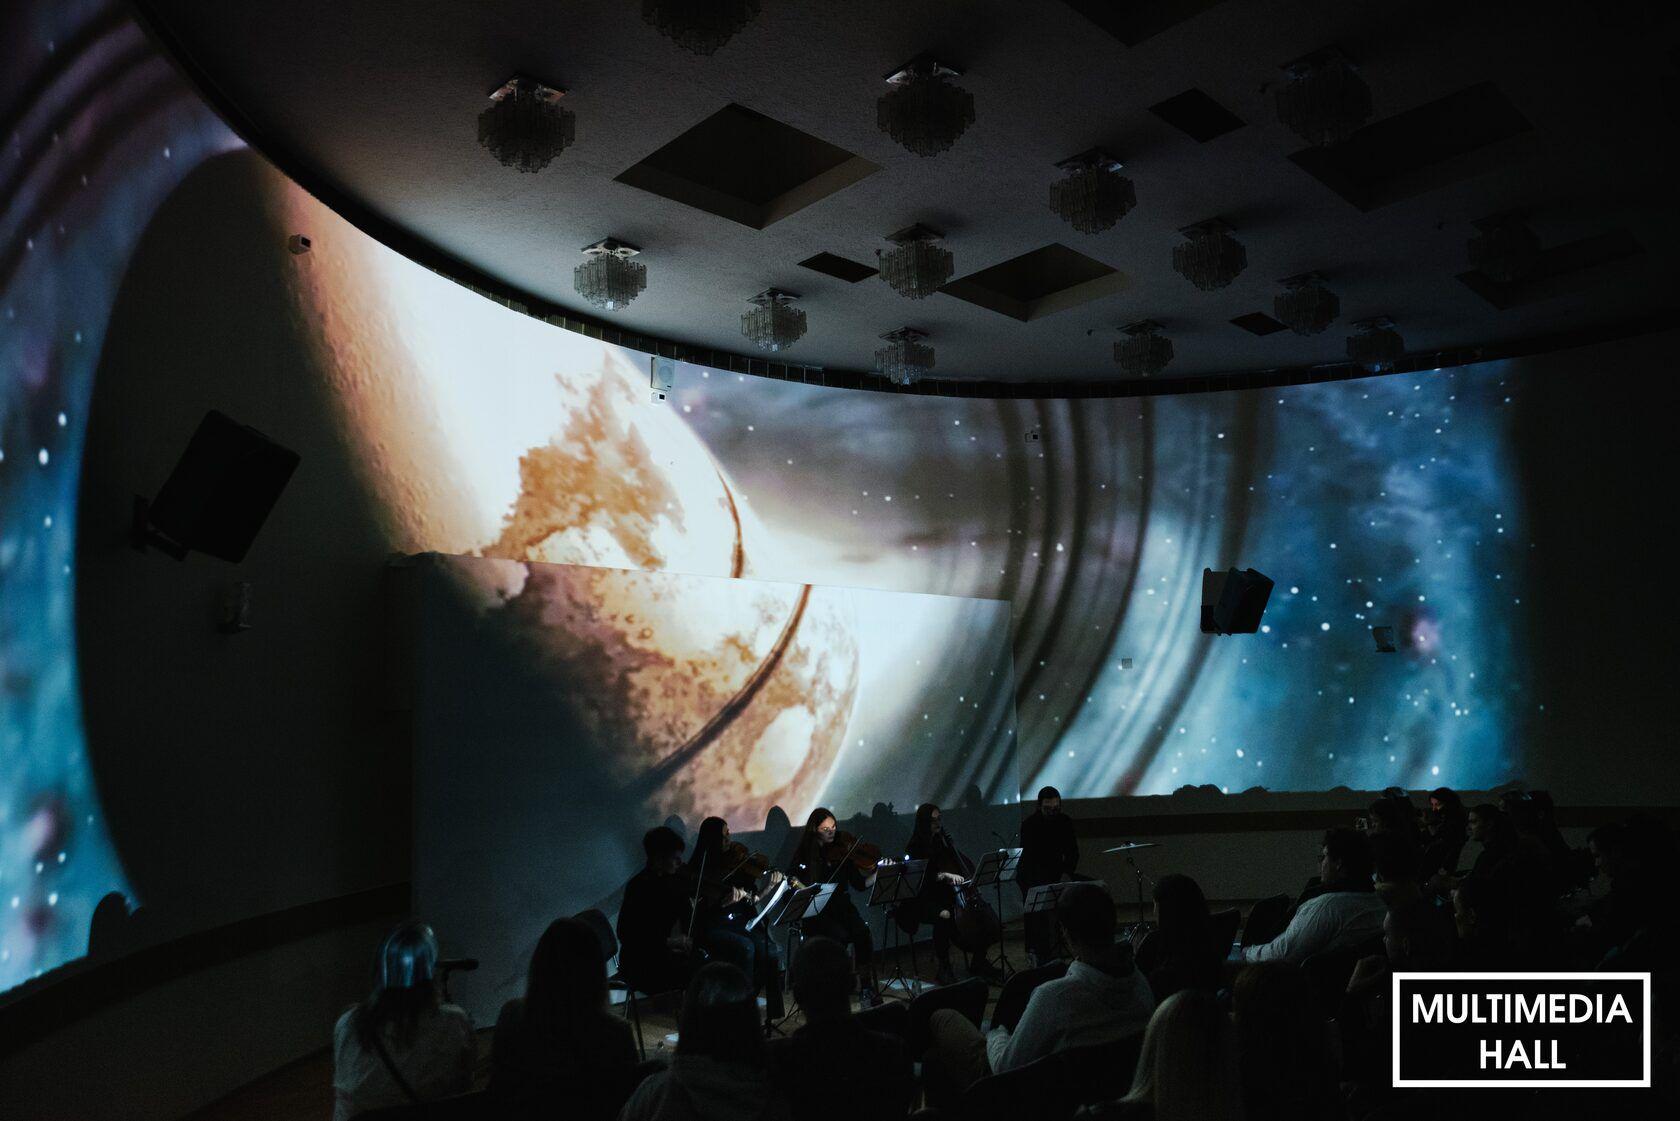 Мультимедийная лекция для детей «Космическое путешествие» в Multimedia Hall фото 1